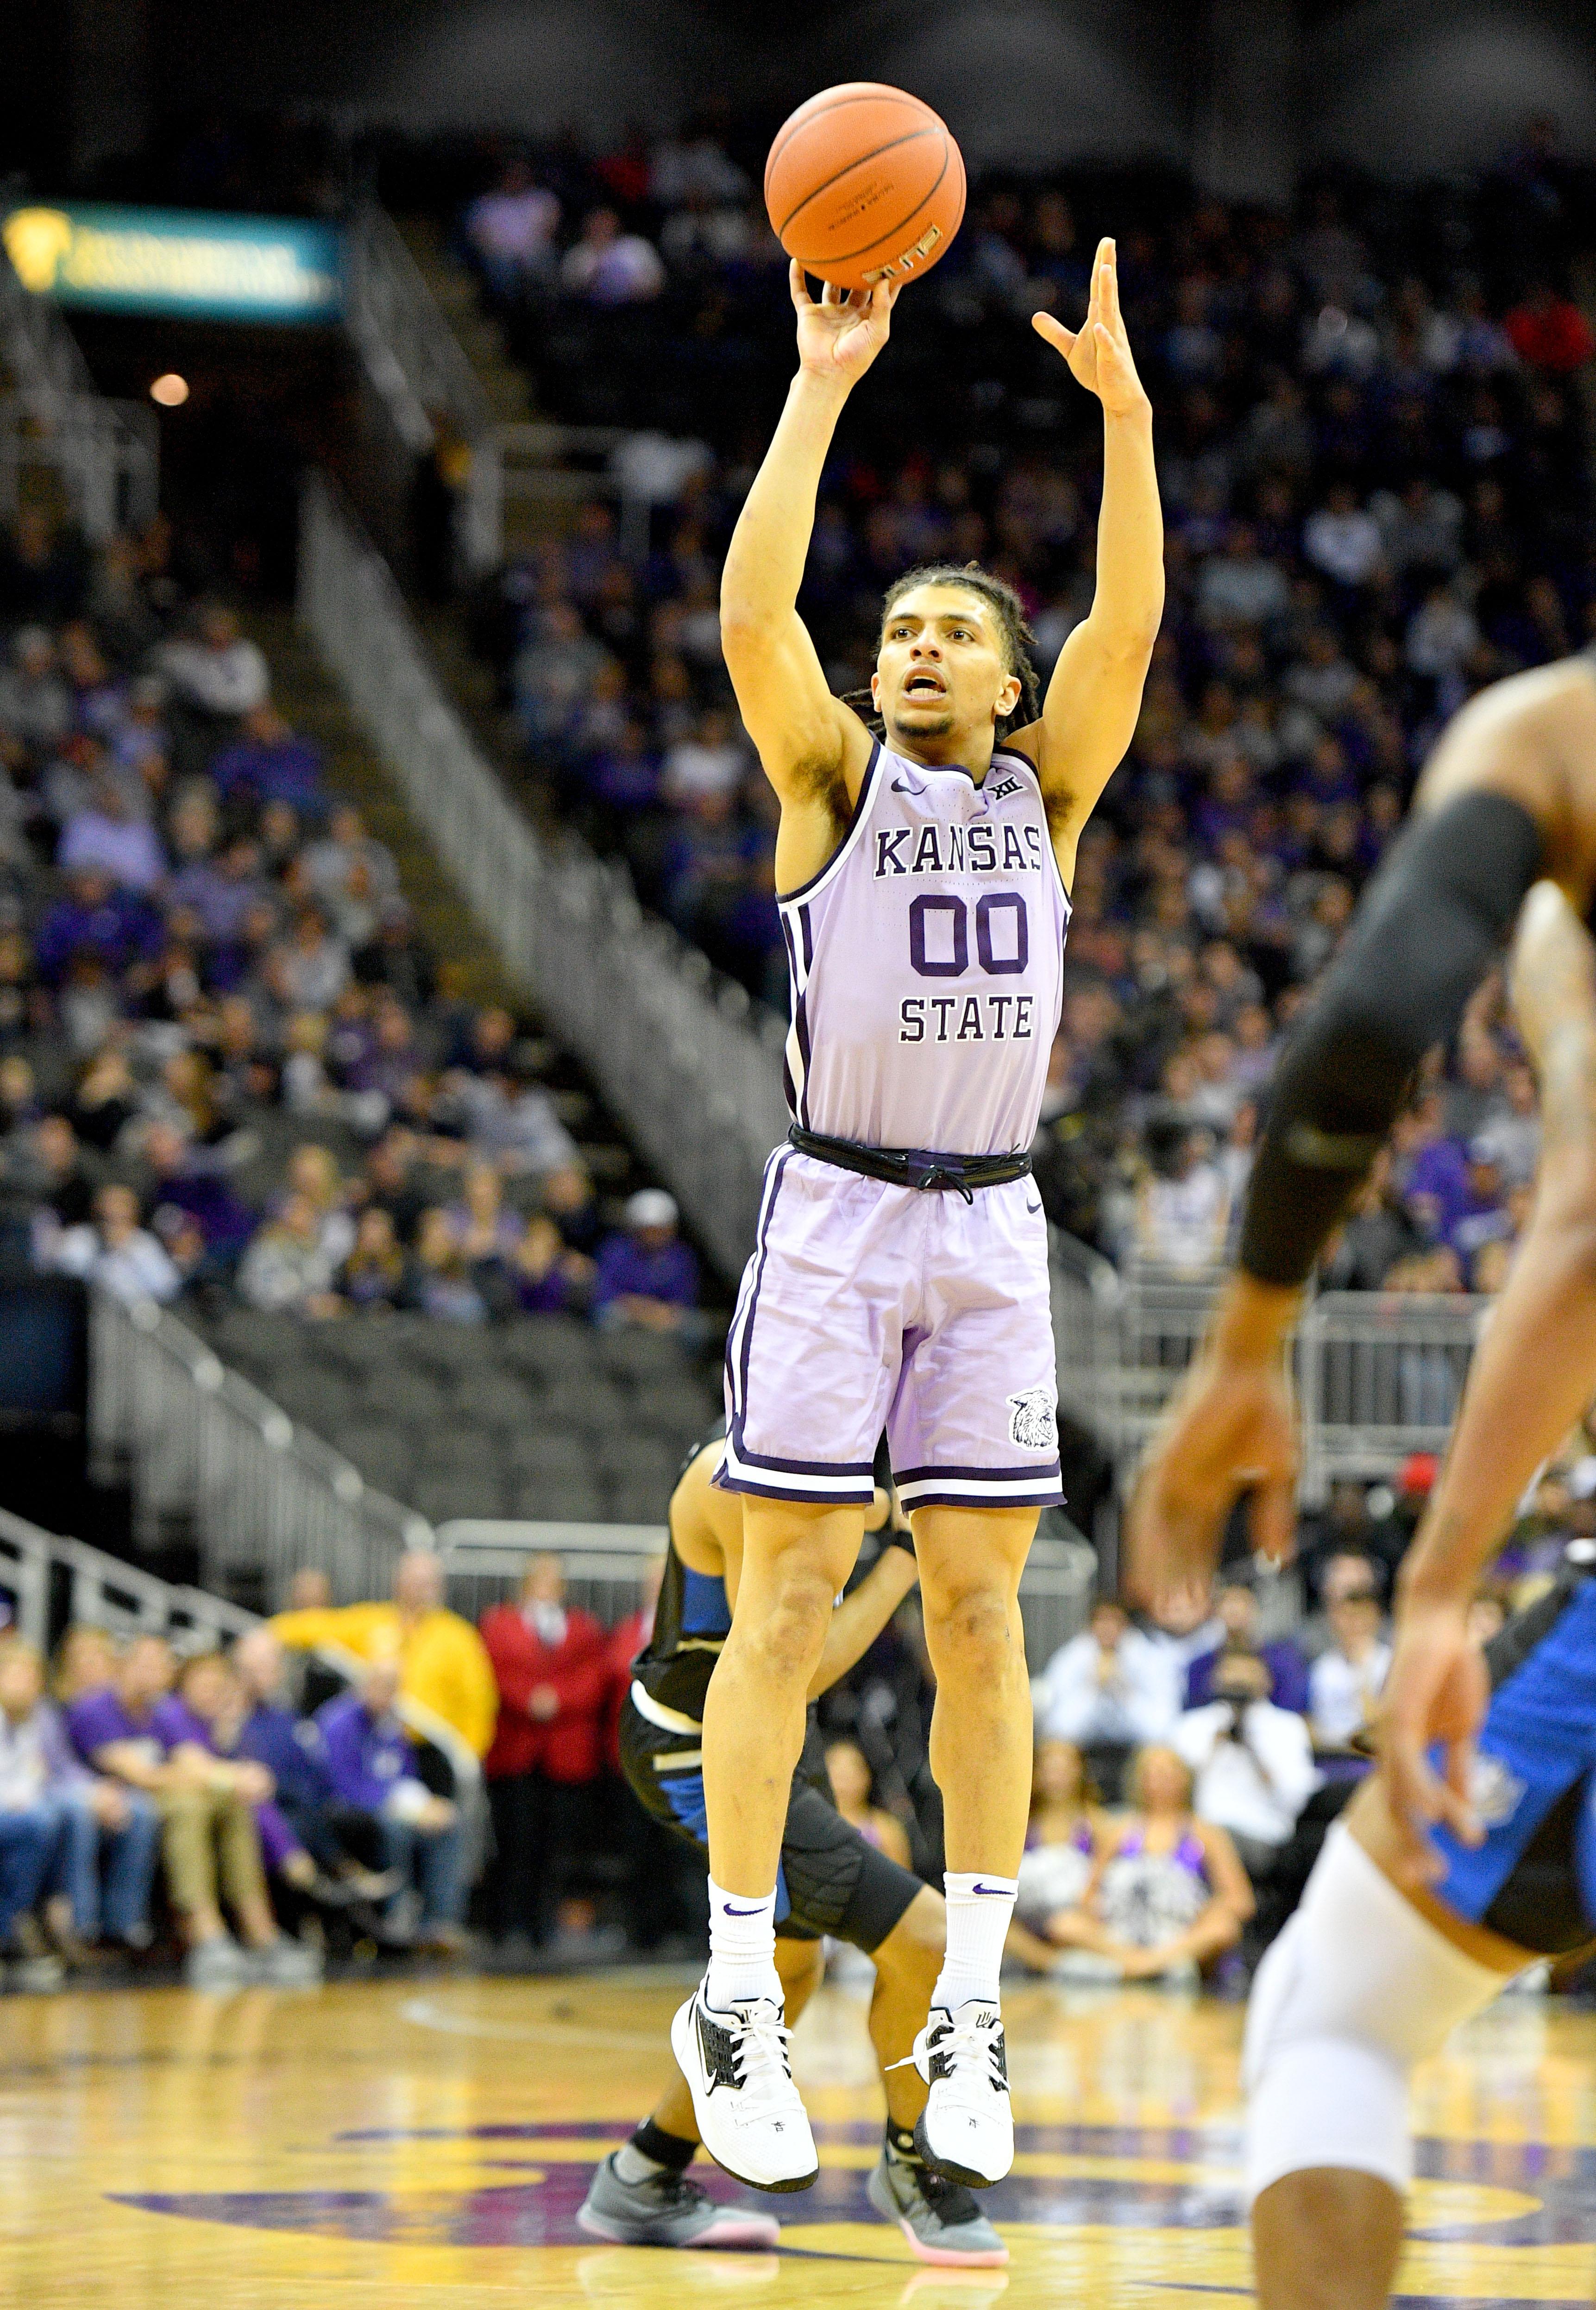 NCAA Basketball: Kansas State at Saint Louis